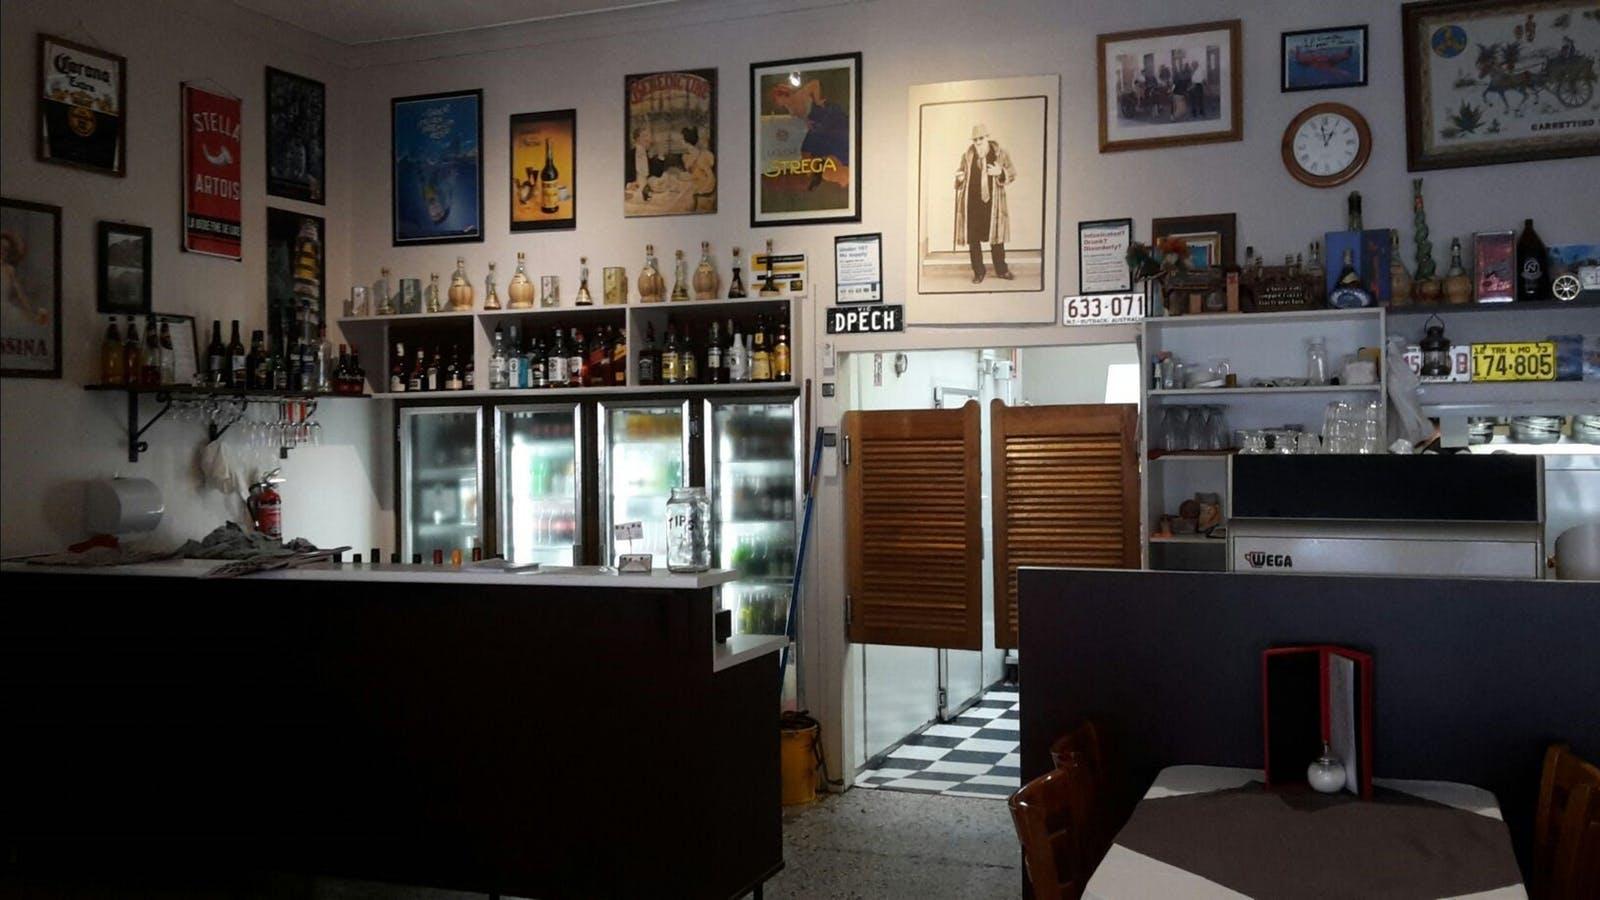 Interior of Lipari Restaurant